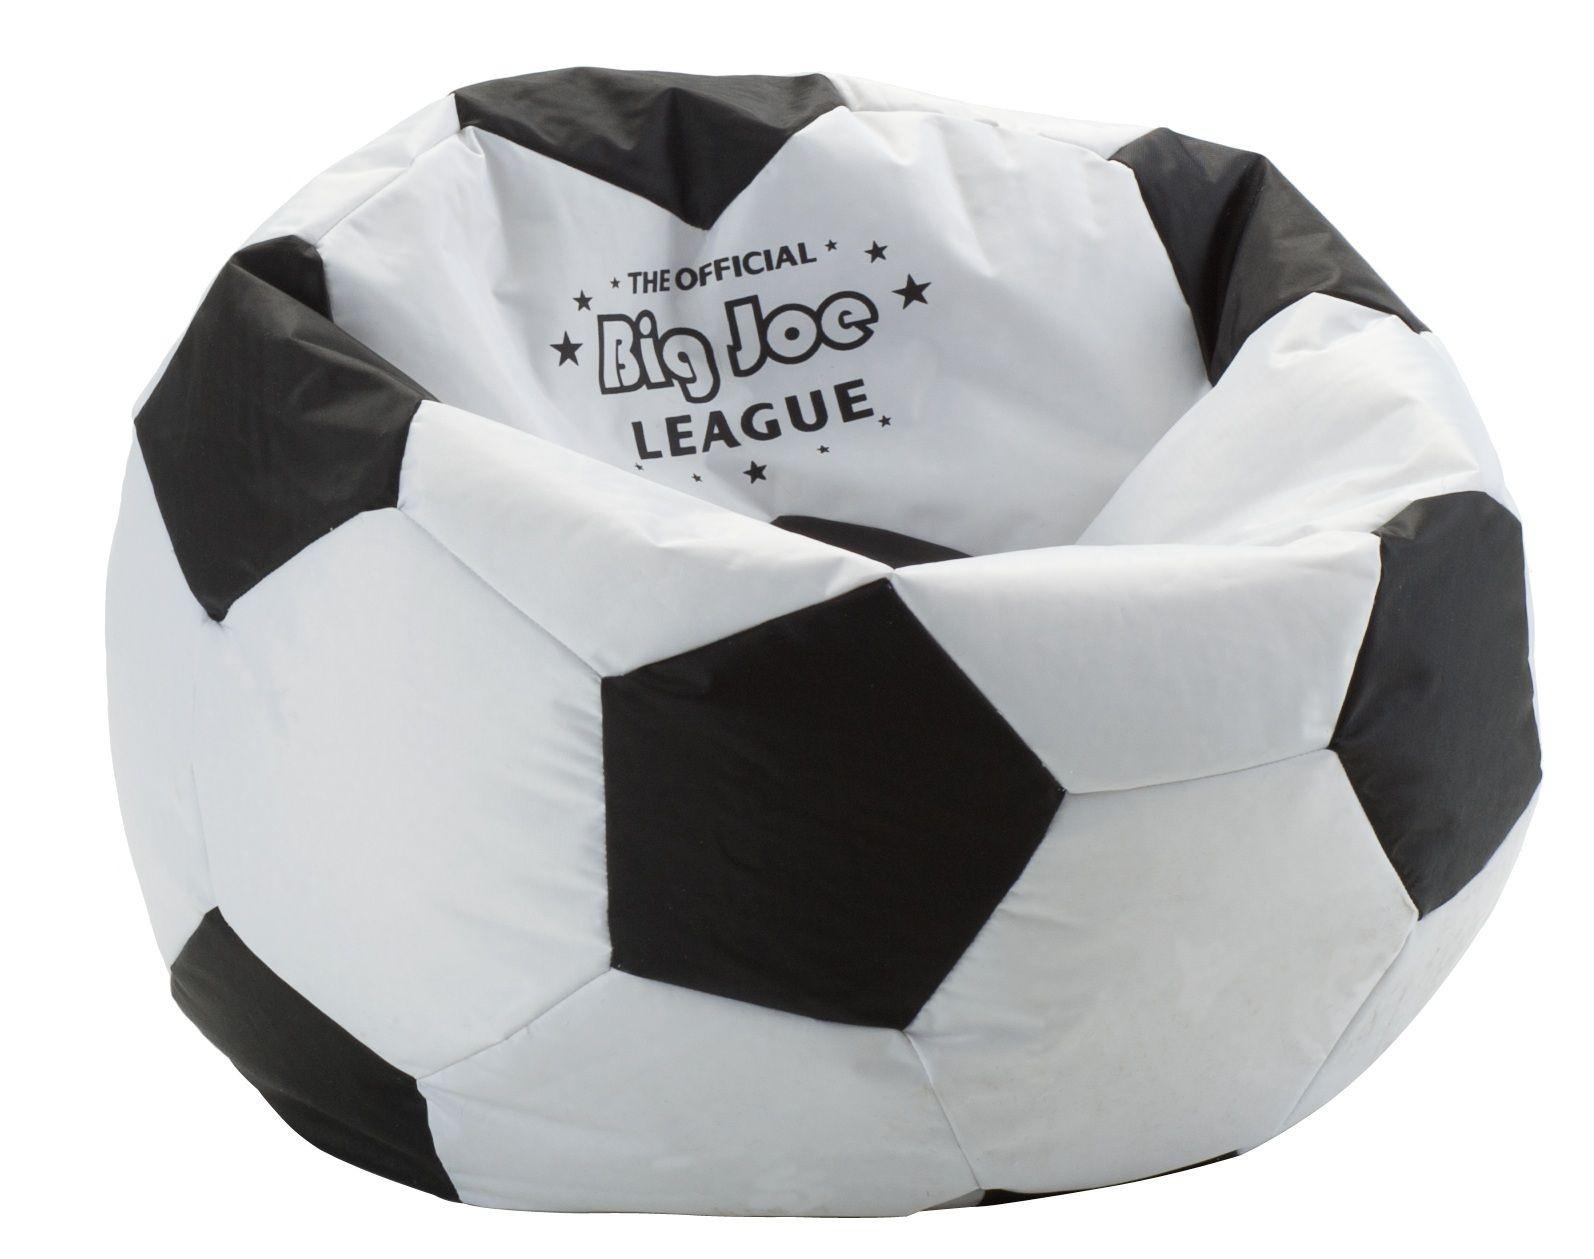 Big Joe Soccer Smartmax Bean Bag From Comfort Research